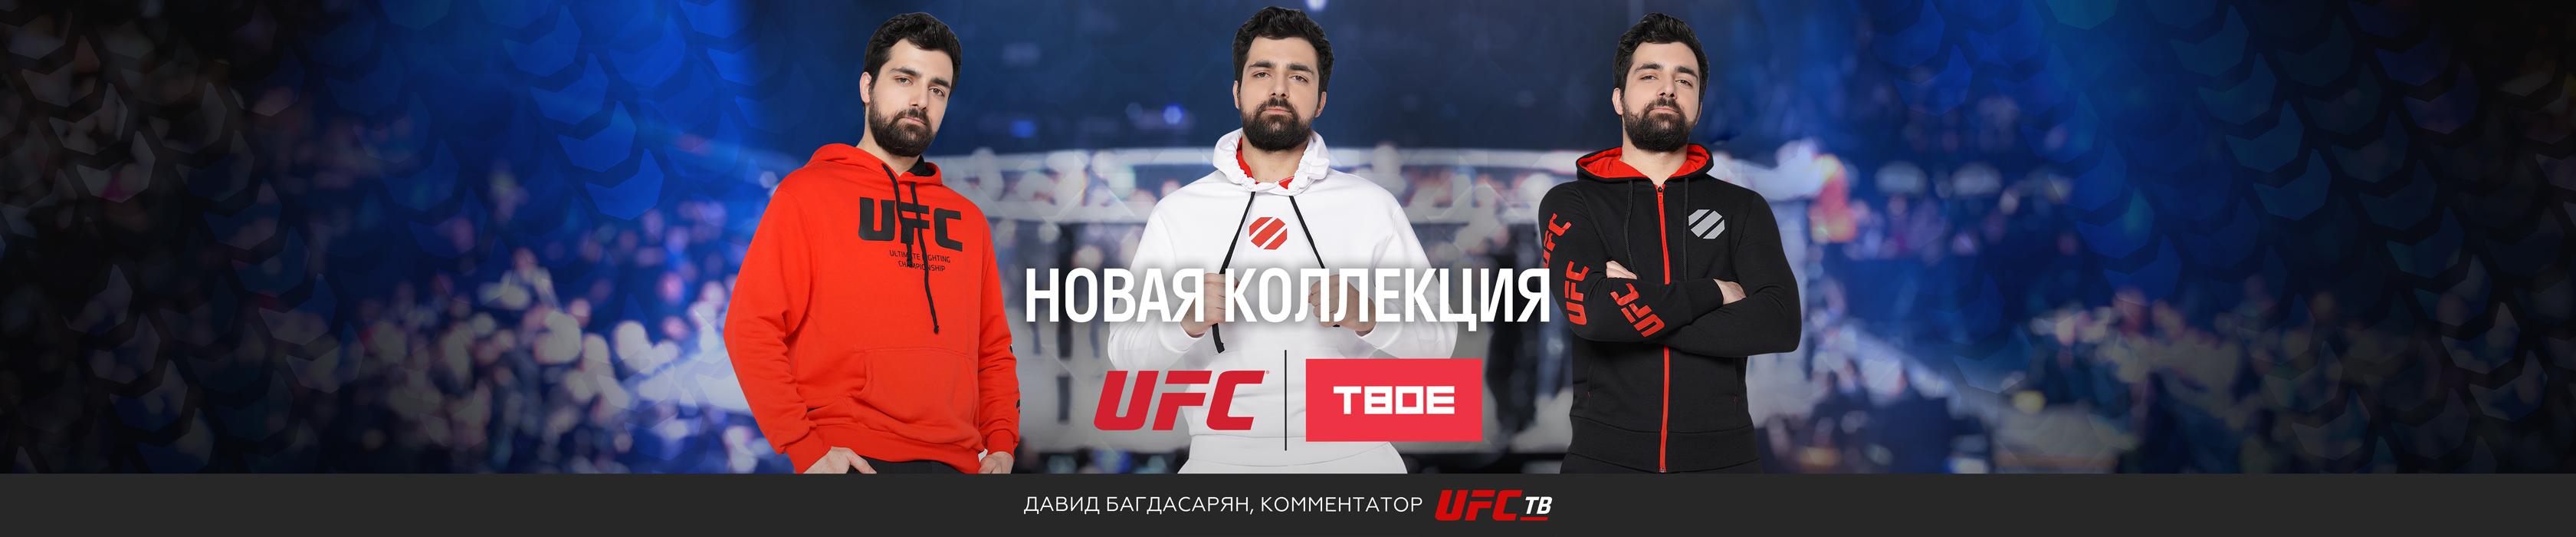 TVOE UFC